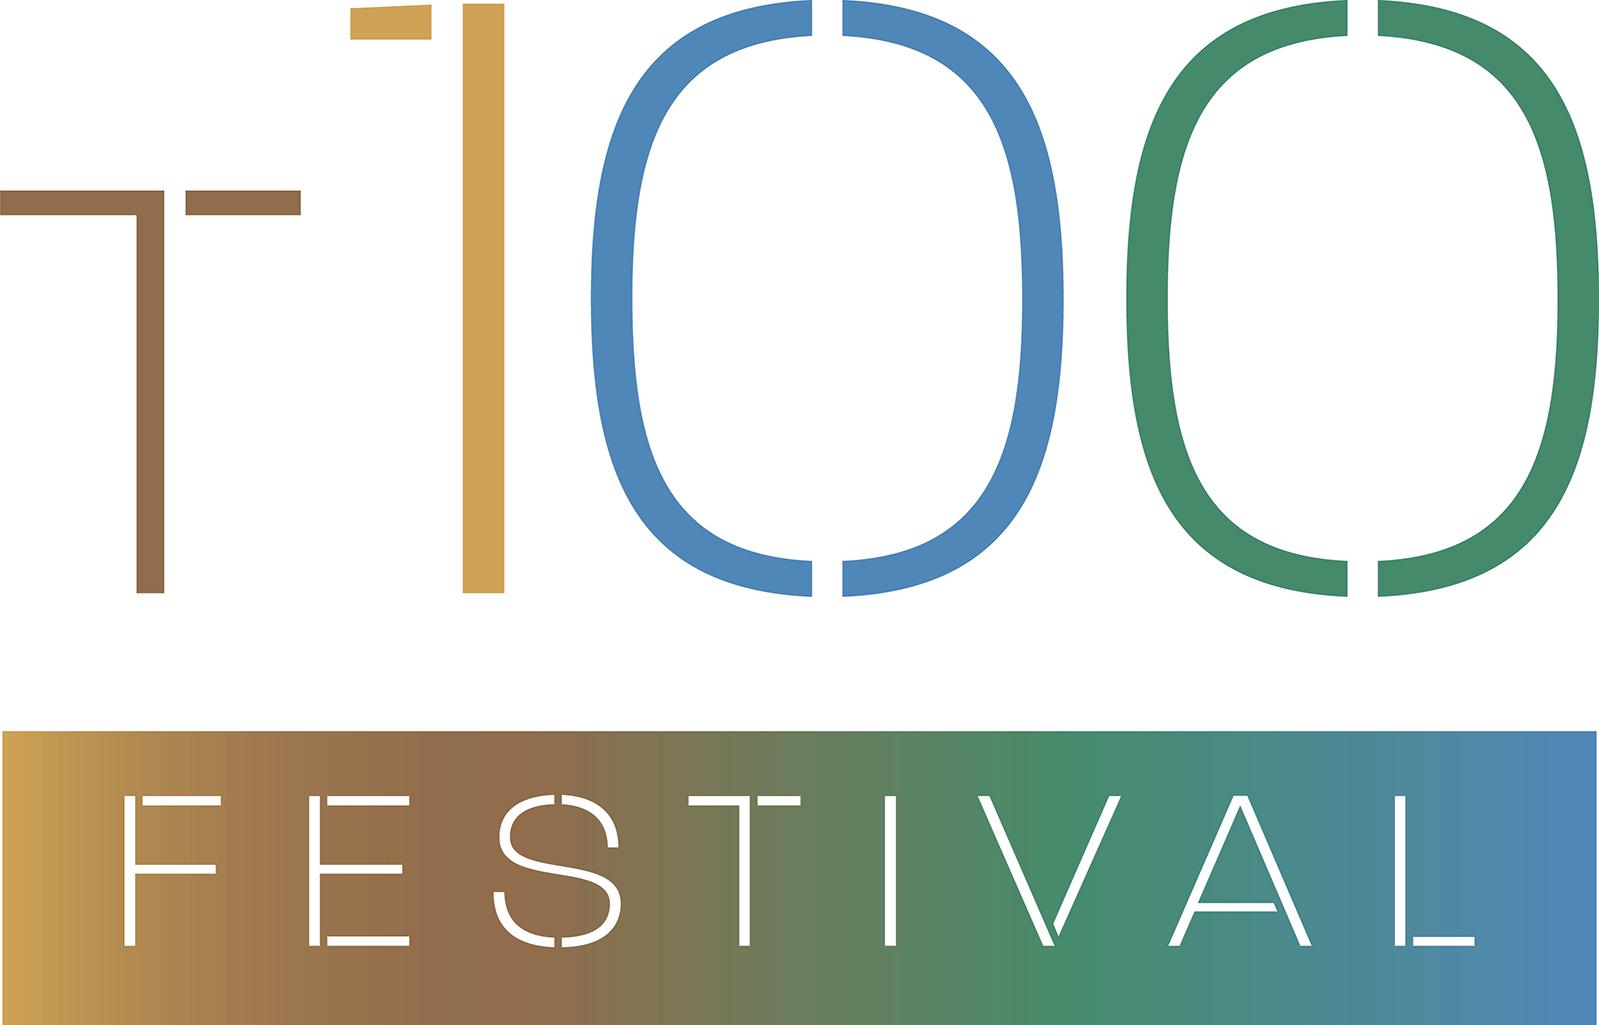 T100 Festival